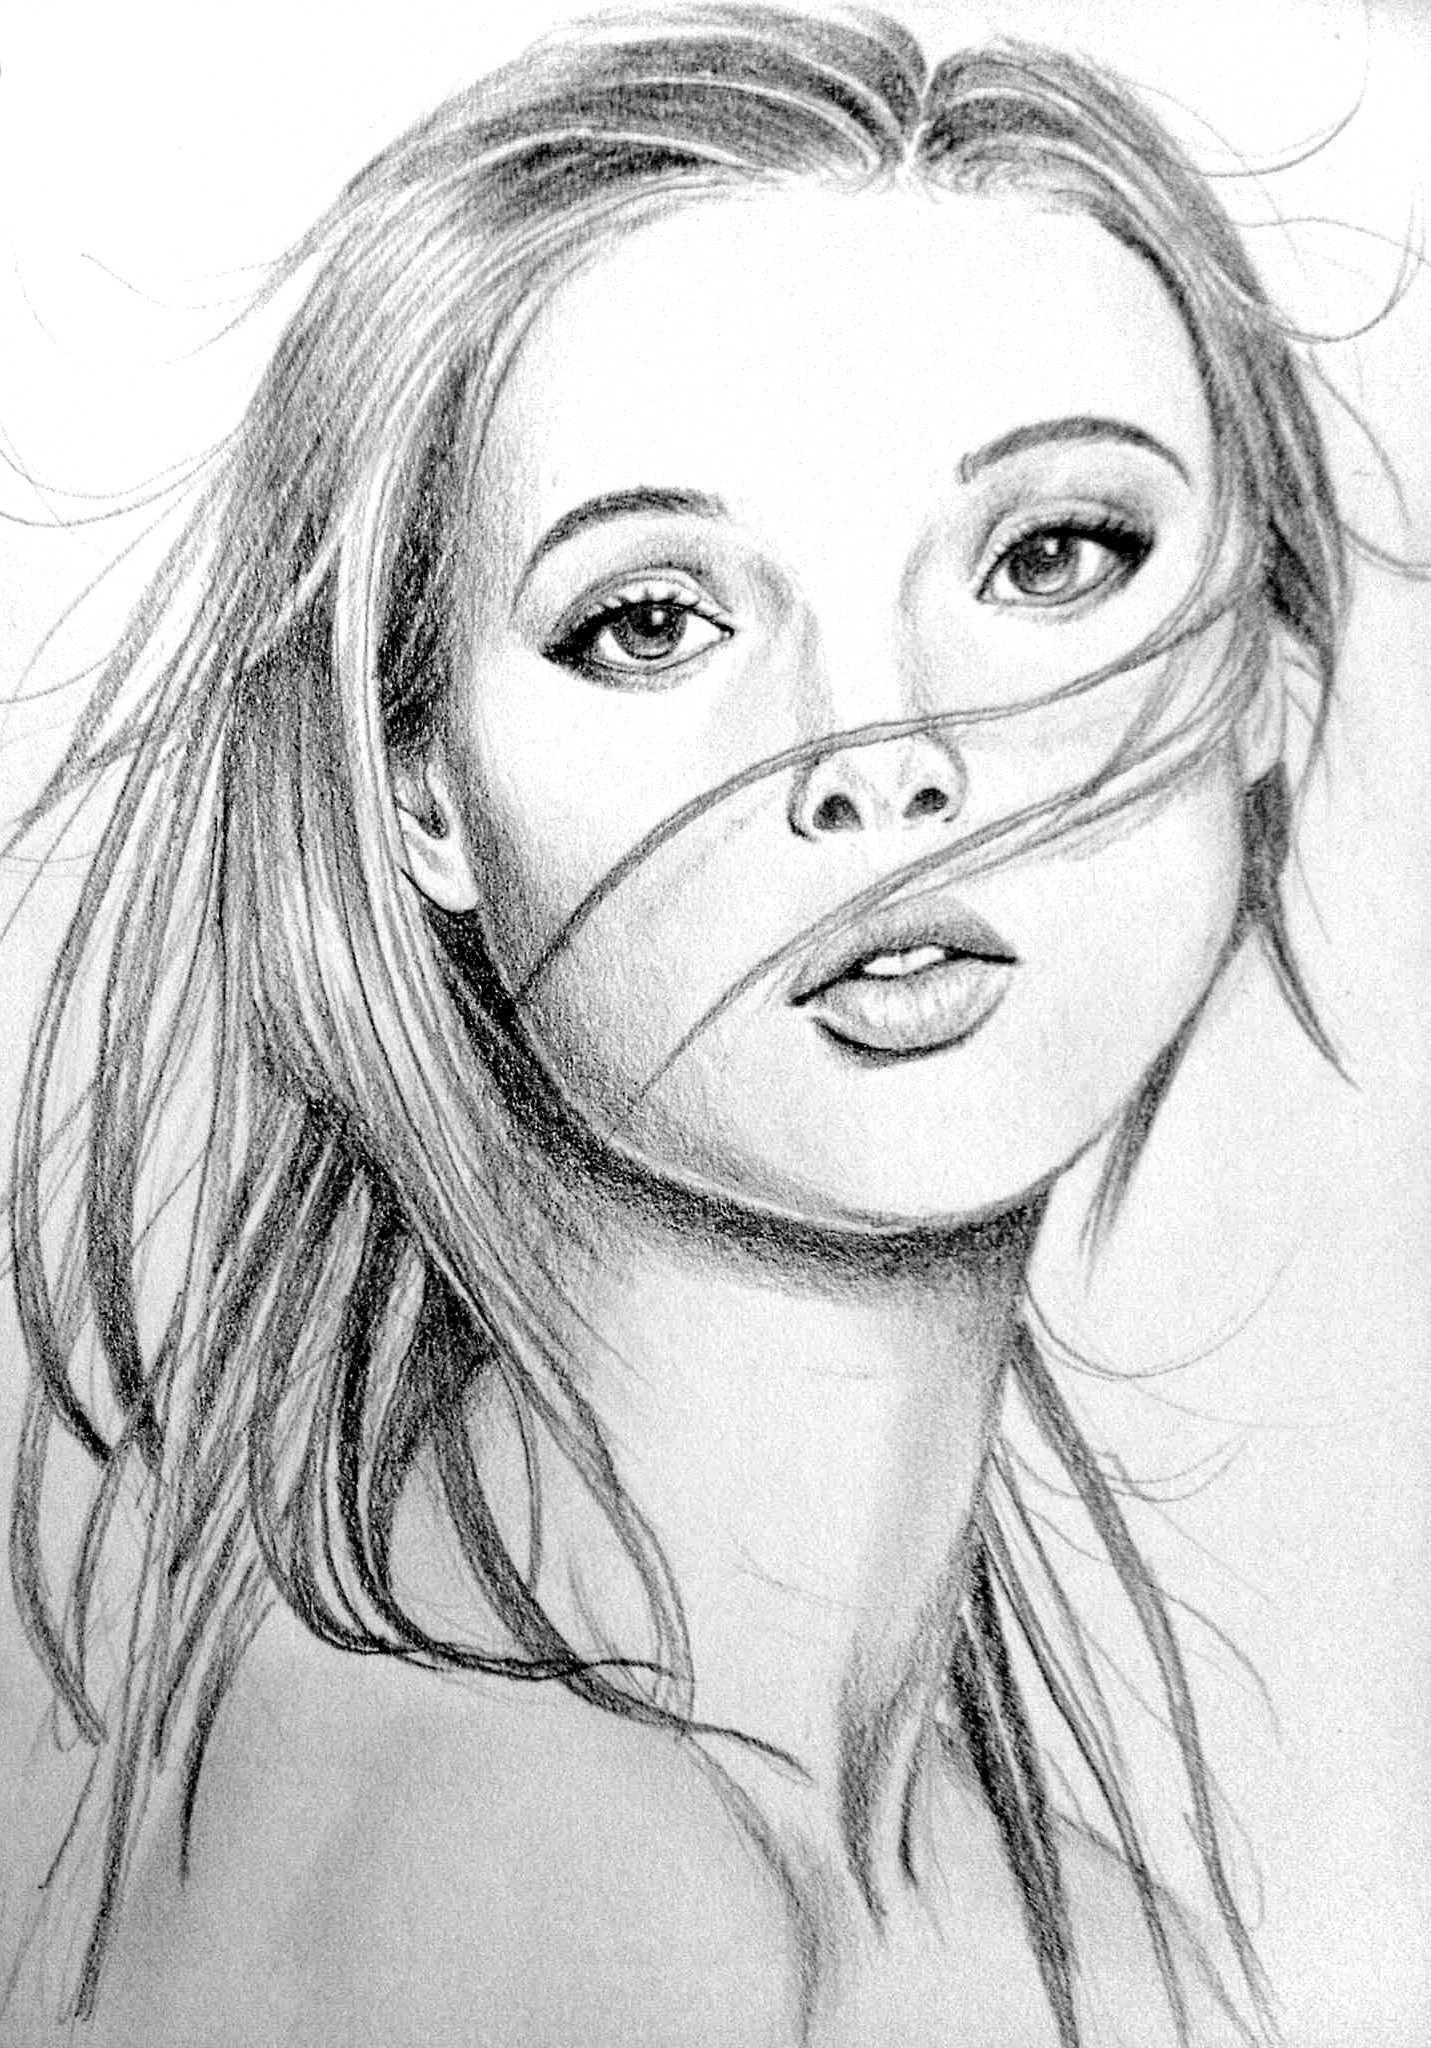 Pencil sketch 020414 @Novianny Widya